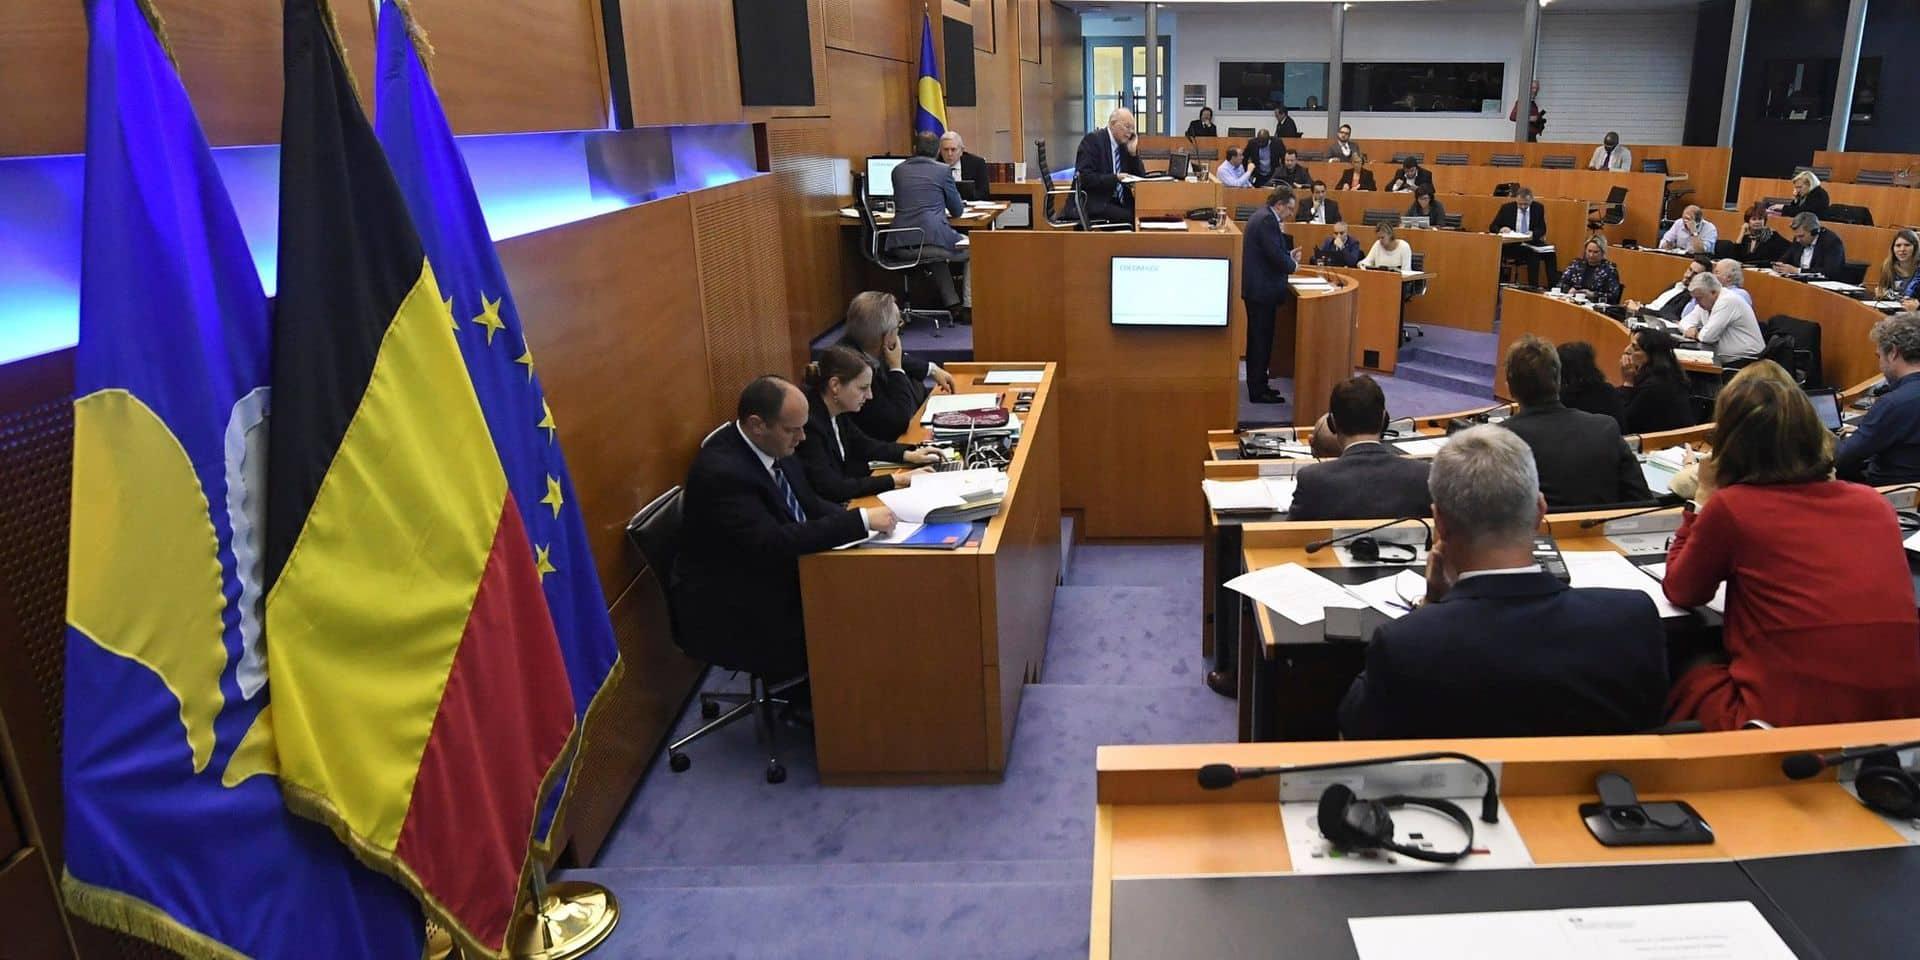 Le gouvernement bruxellois s'accorde sur le budget: le retour à l'équilibre est visé d'ici 2024